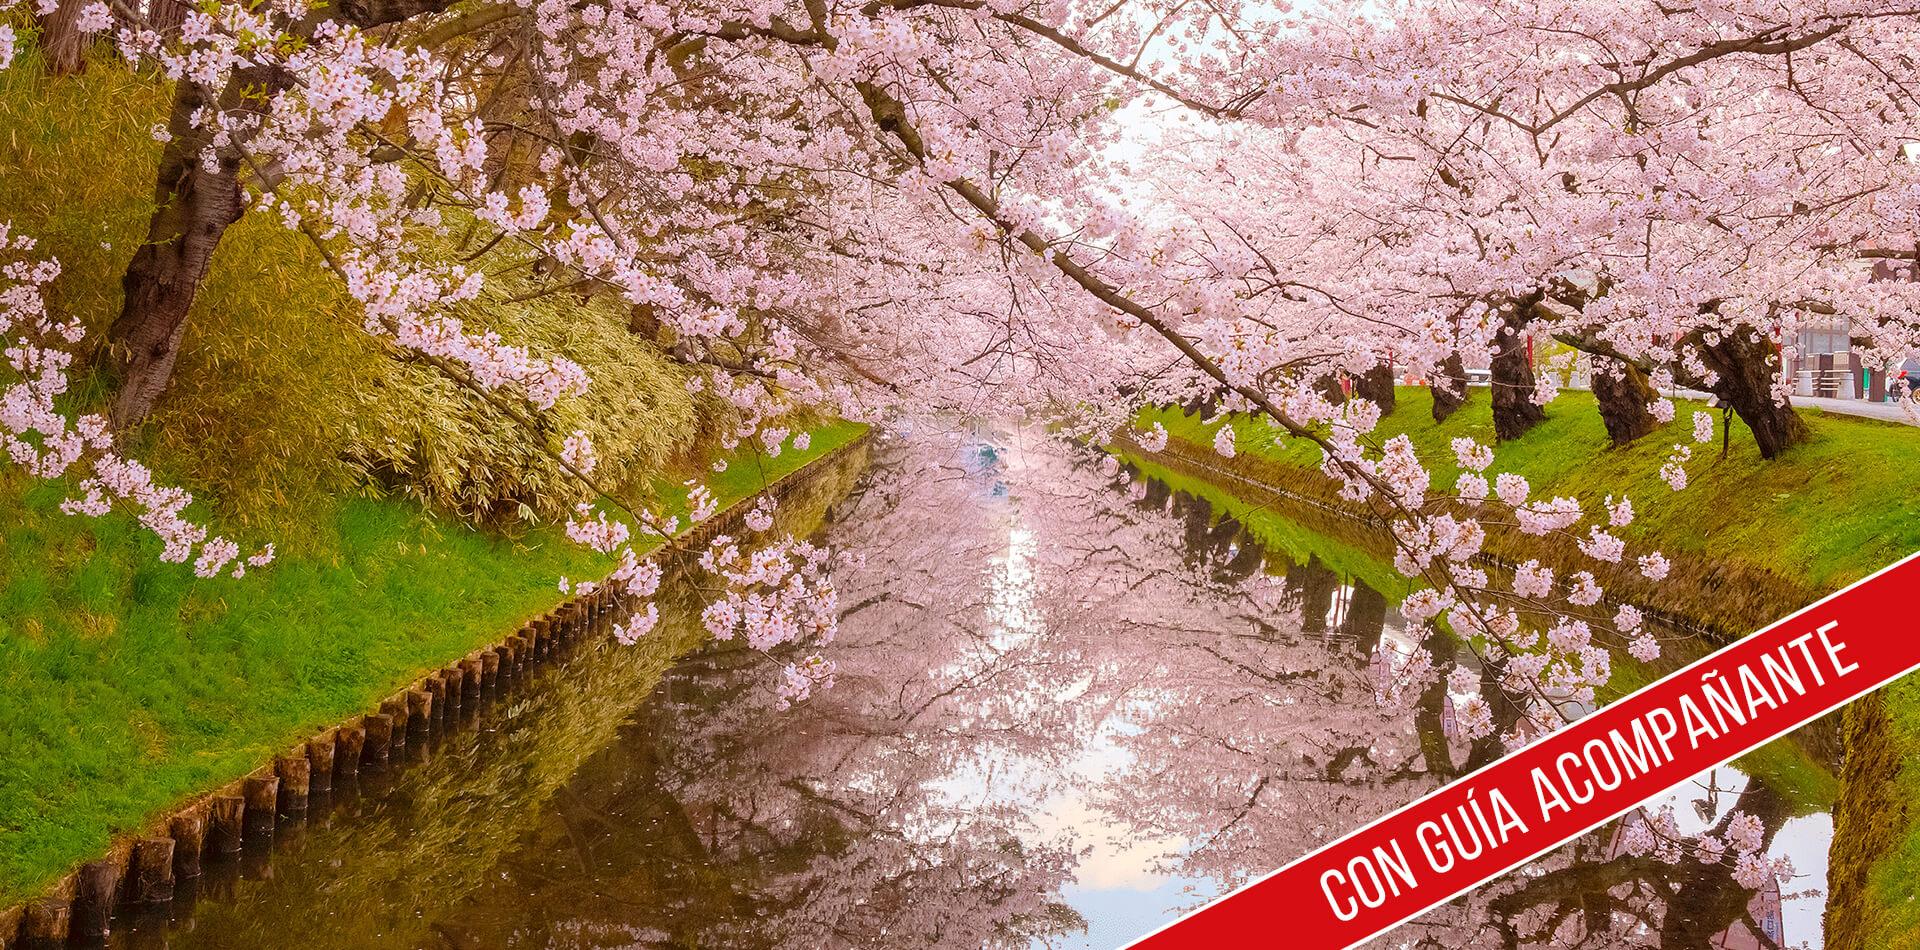 china autentica: primavera en china 2020 con guia acompañante